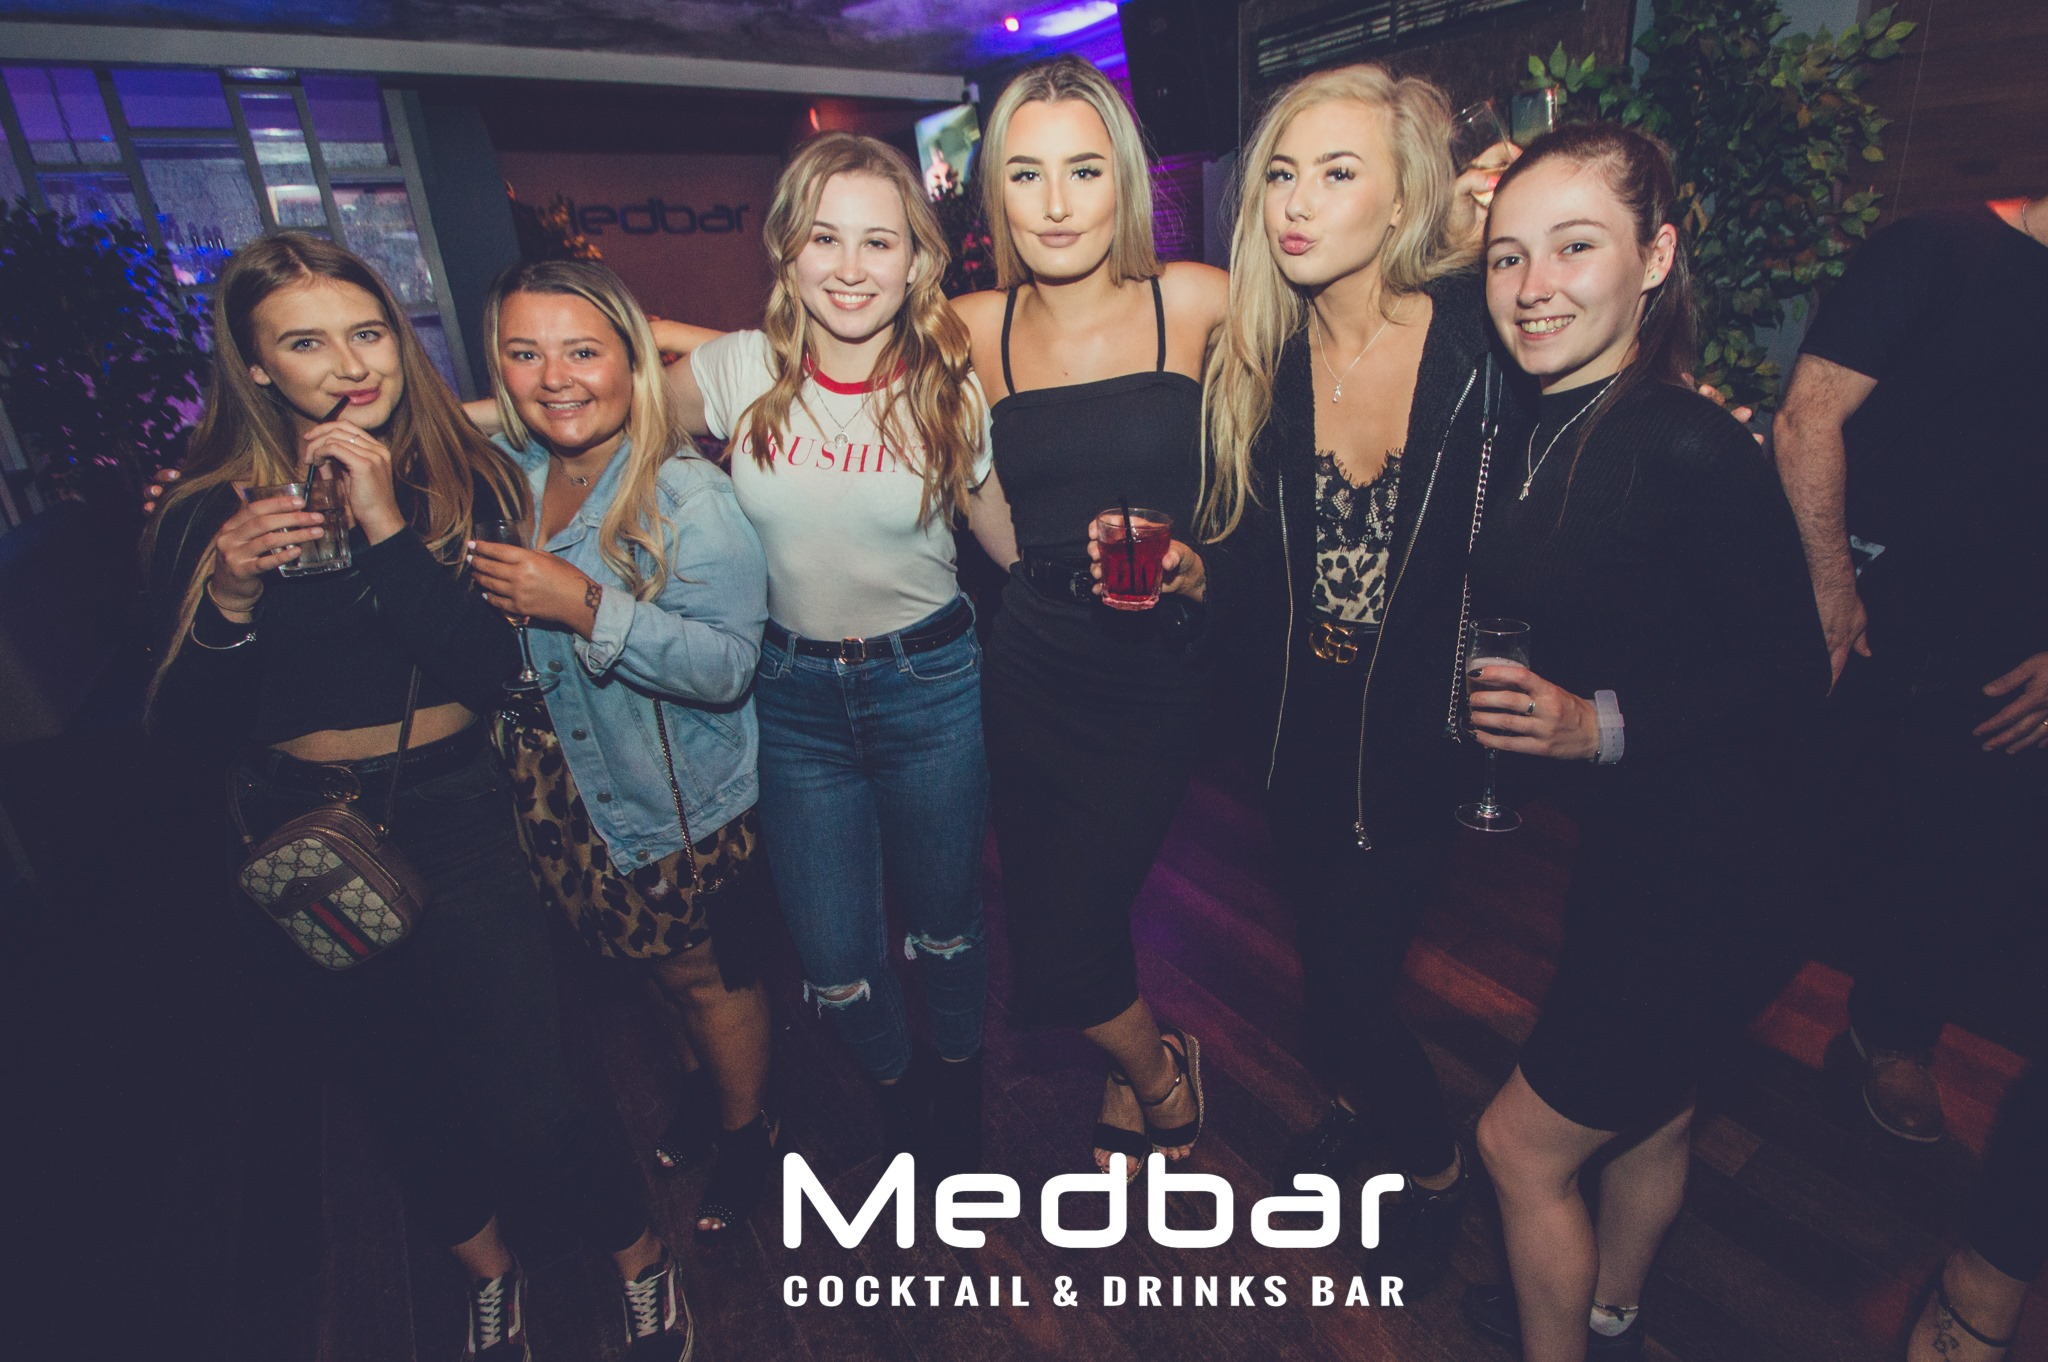 Group of ladies at nightclub